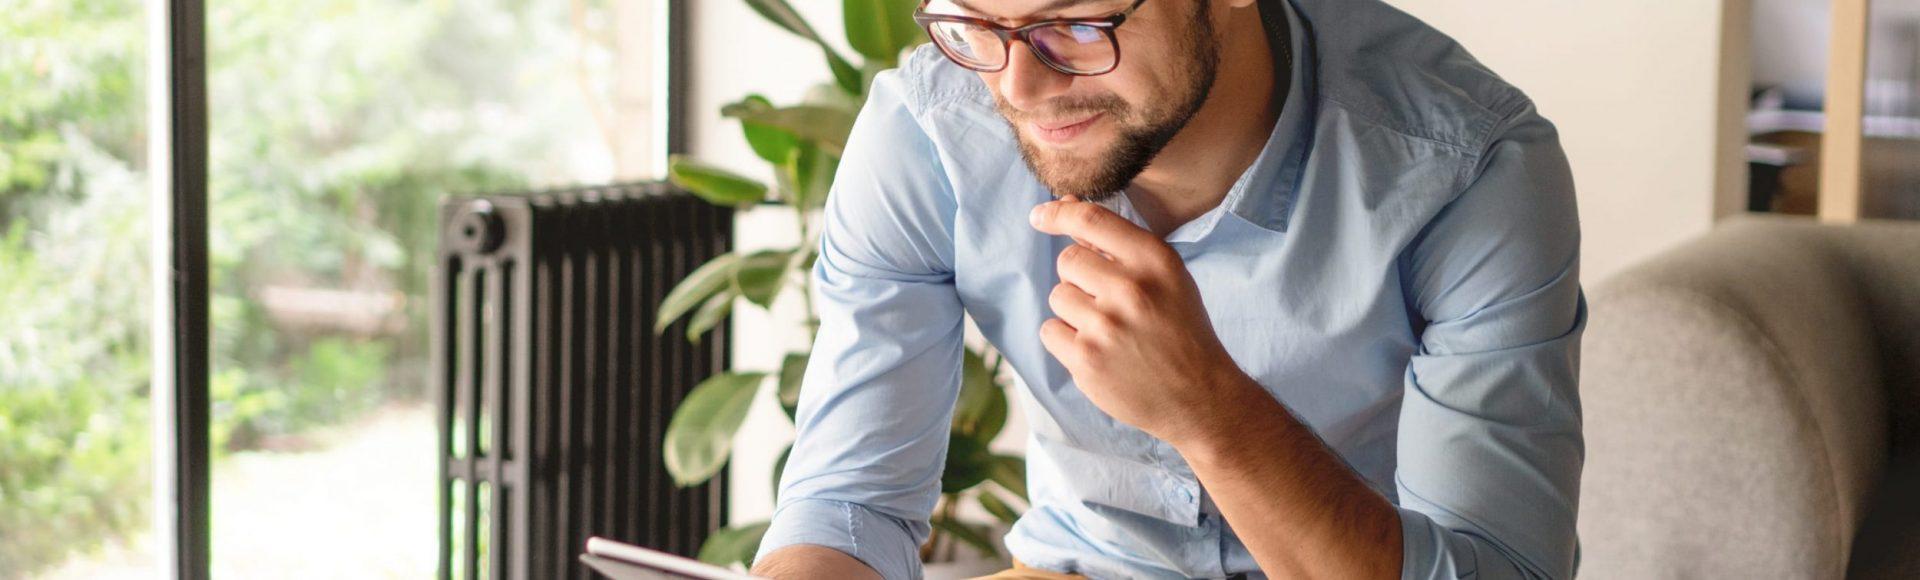 Un homme avec une tablette dans la main